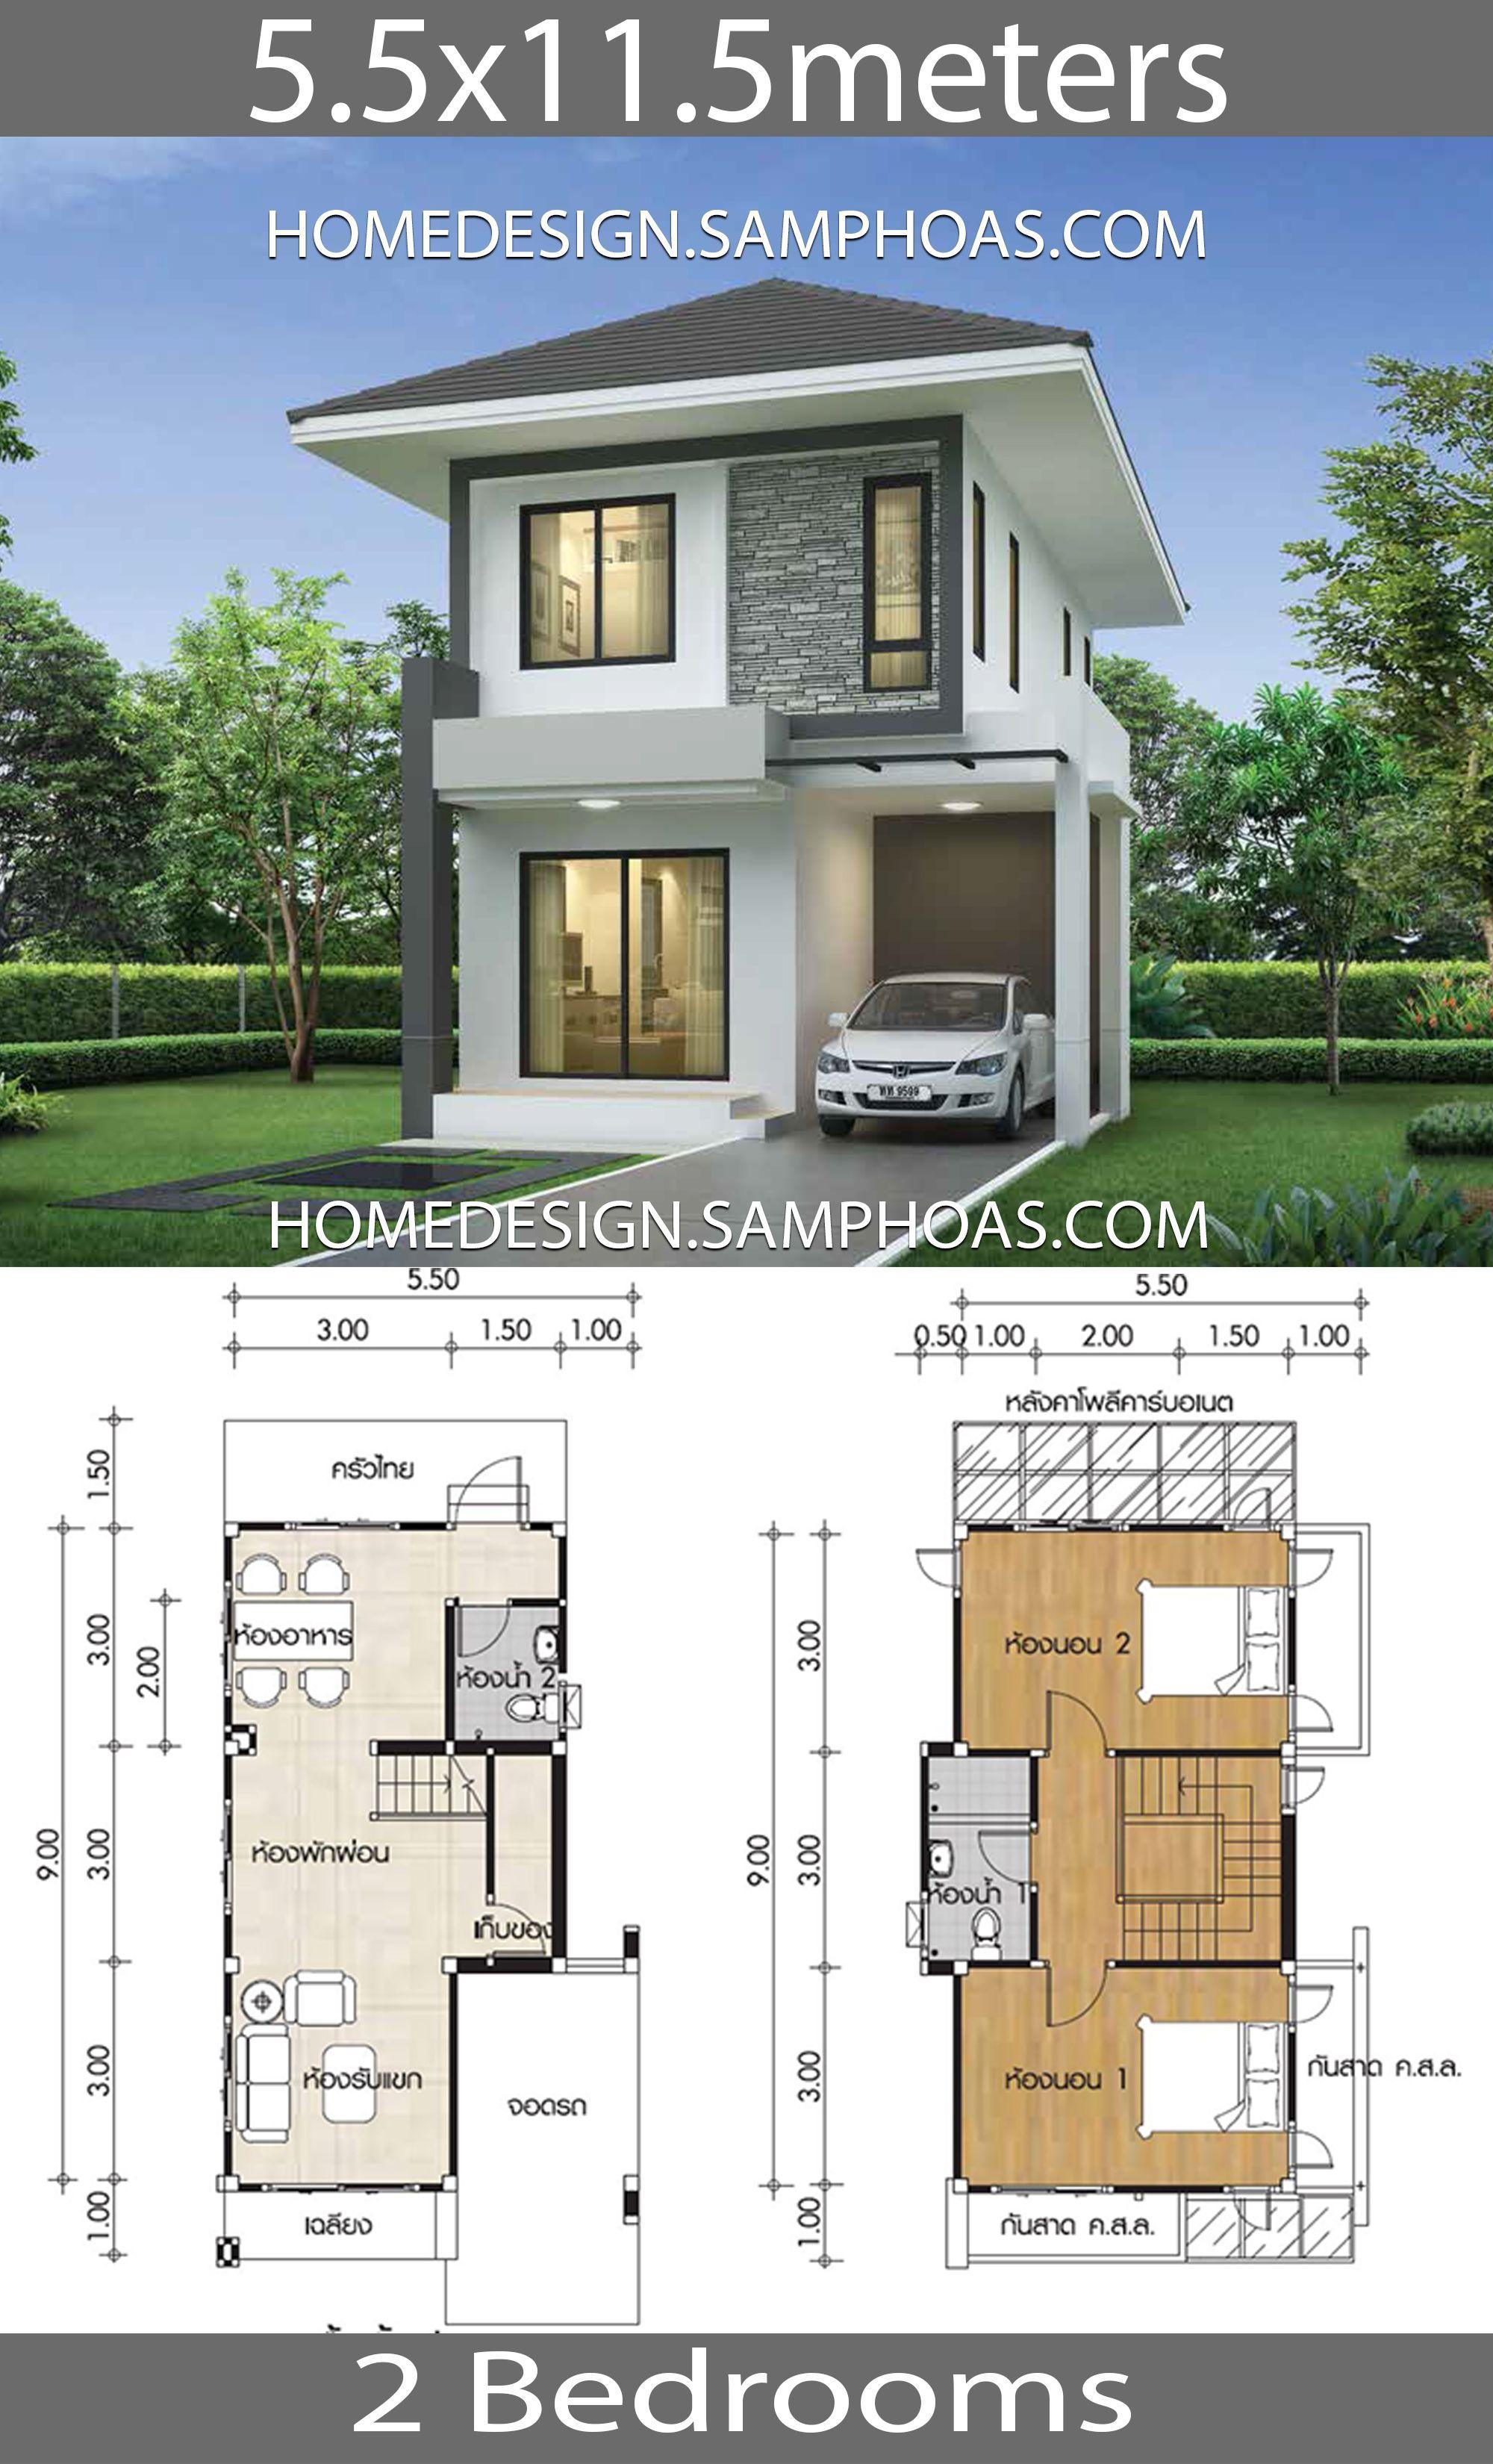 20 House Design With Layout Plans You Wish To See House Plans 3d Planos De Casas Medidas Casas De Dos Pisos Planos De Casas Pequenas